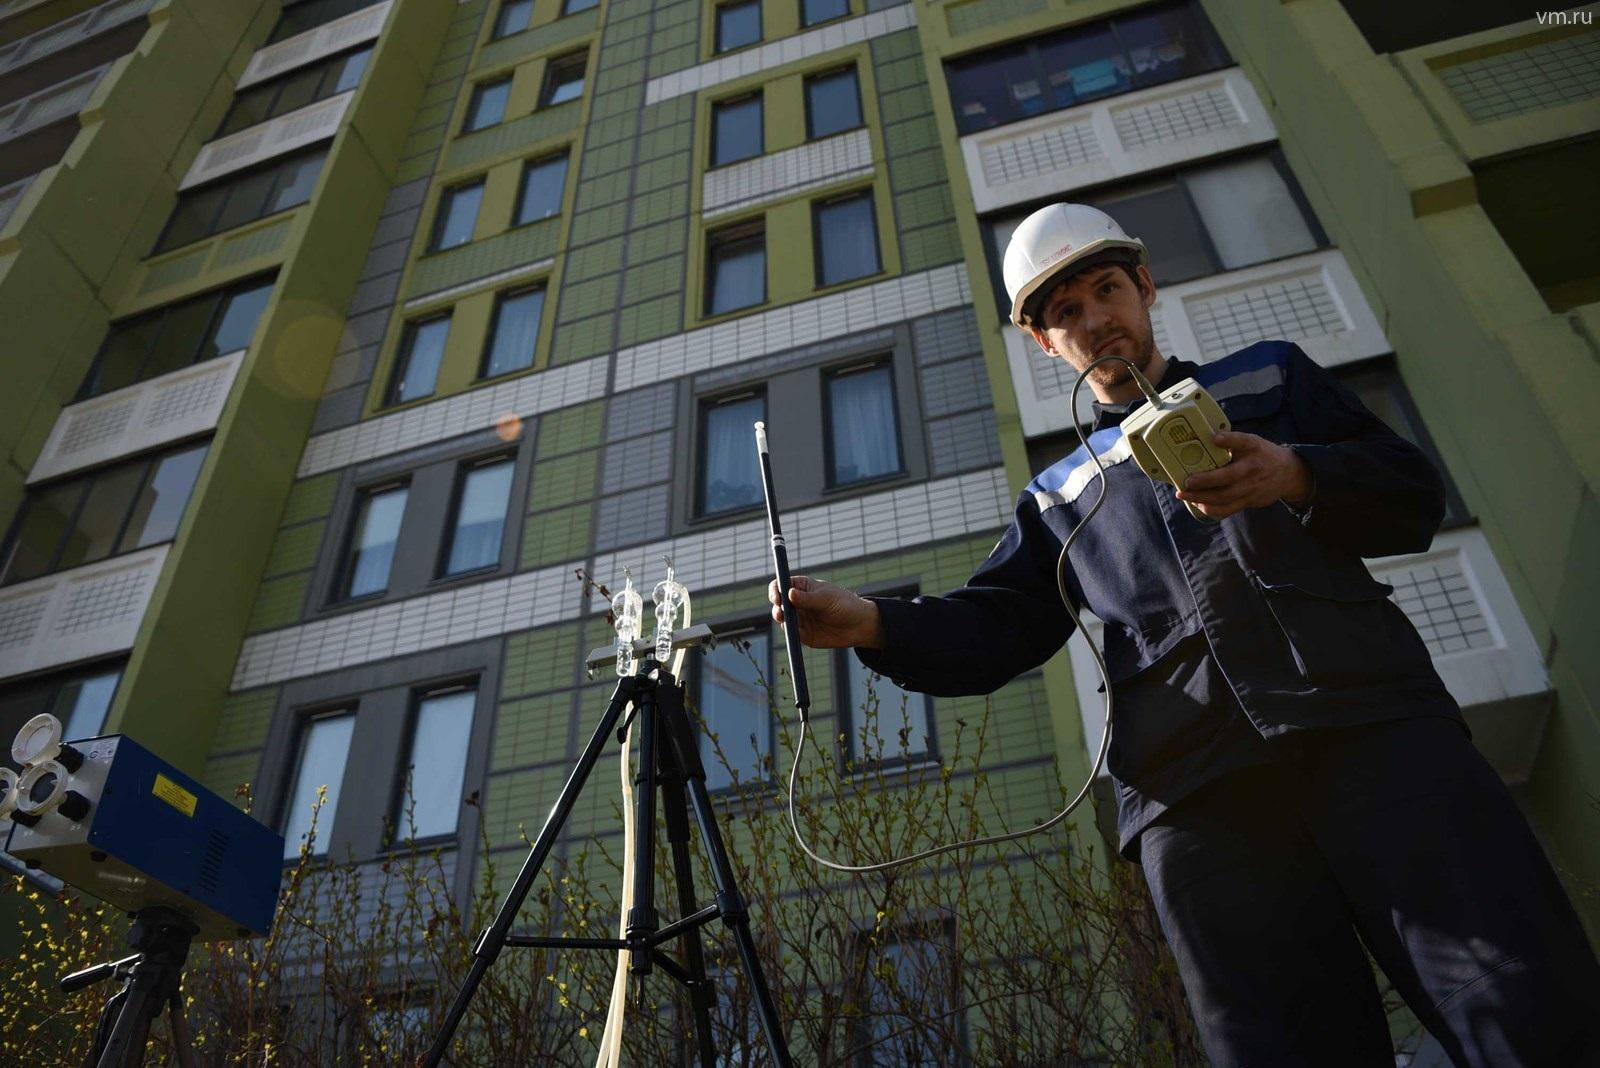 Когда многоквартирный дом будет достроен, необходимо ввести его в эксплуатацию. Для этого комиссия Госстройнадзора проводит обследования, выдает разрешение.